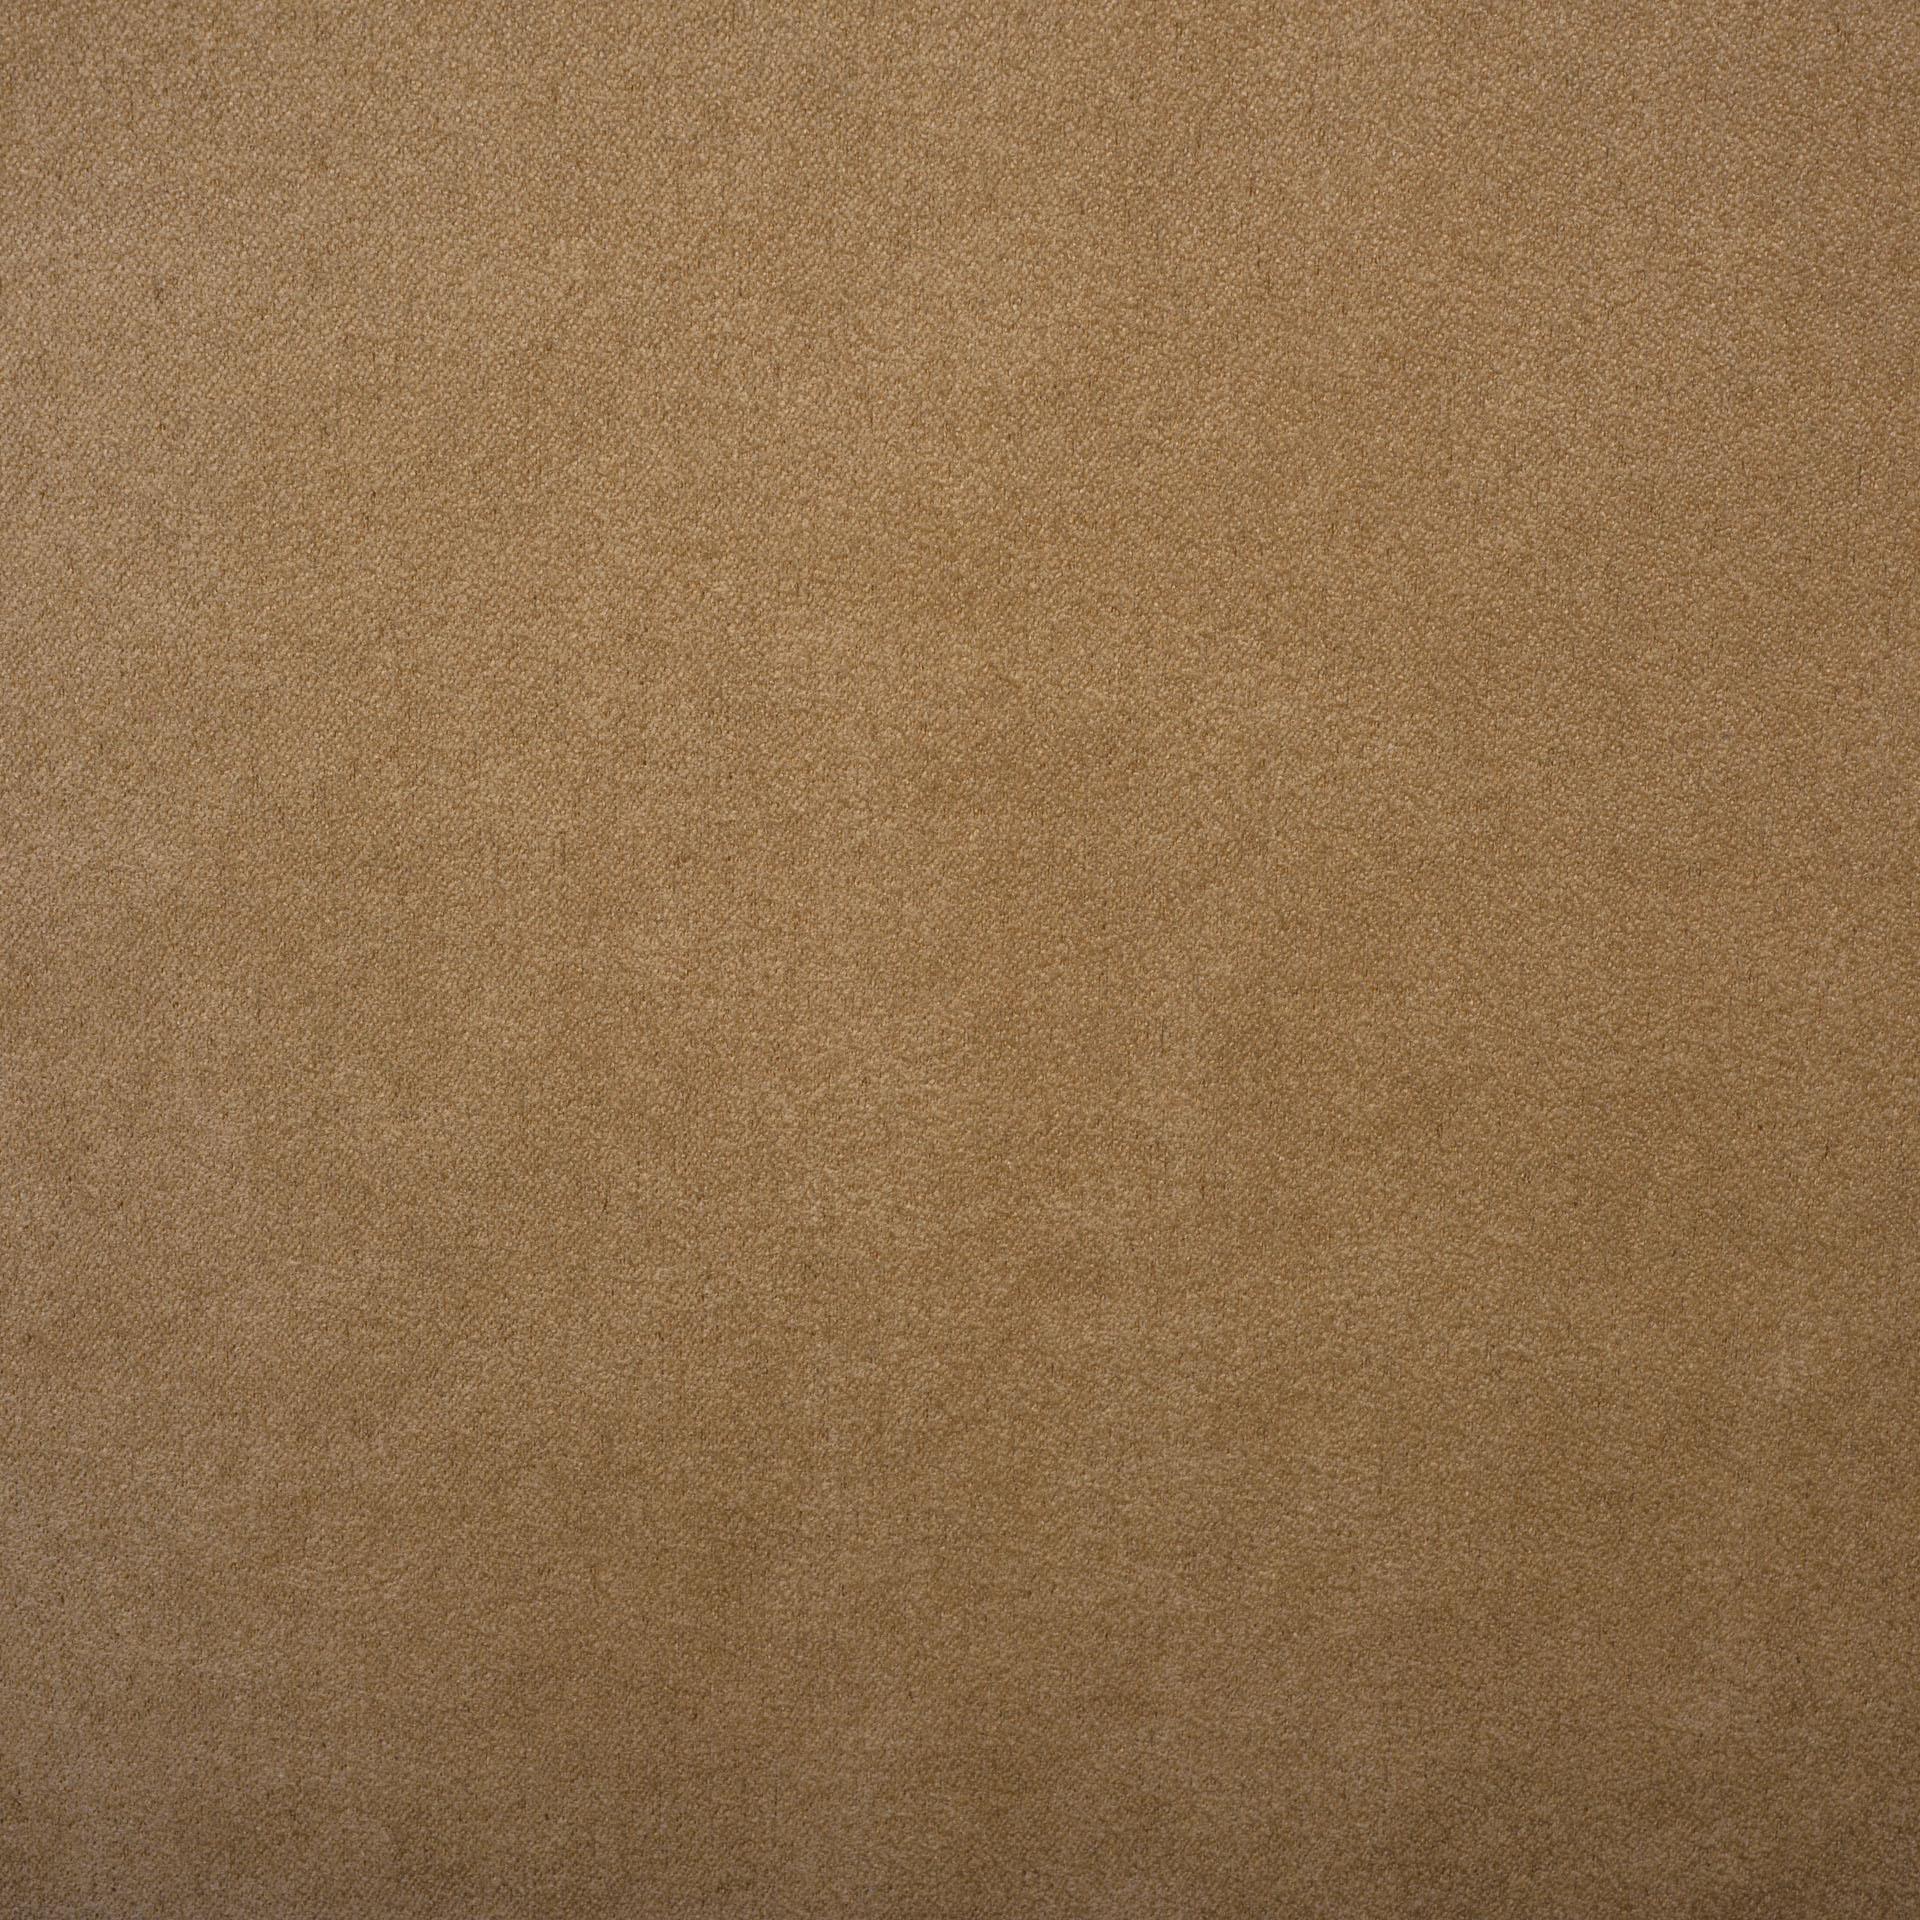 Коллекция ткани Бонд CREAM 02,  купить ткань Велюр для мебели Украина